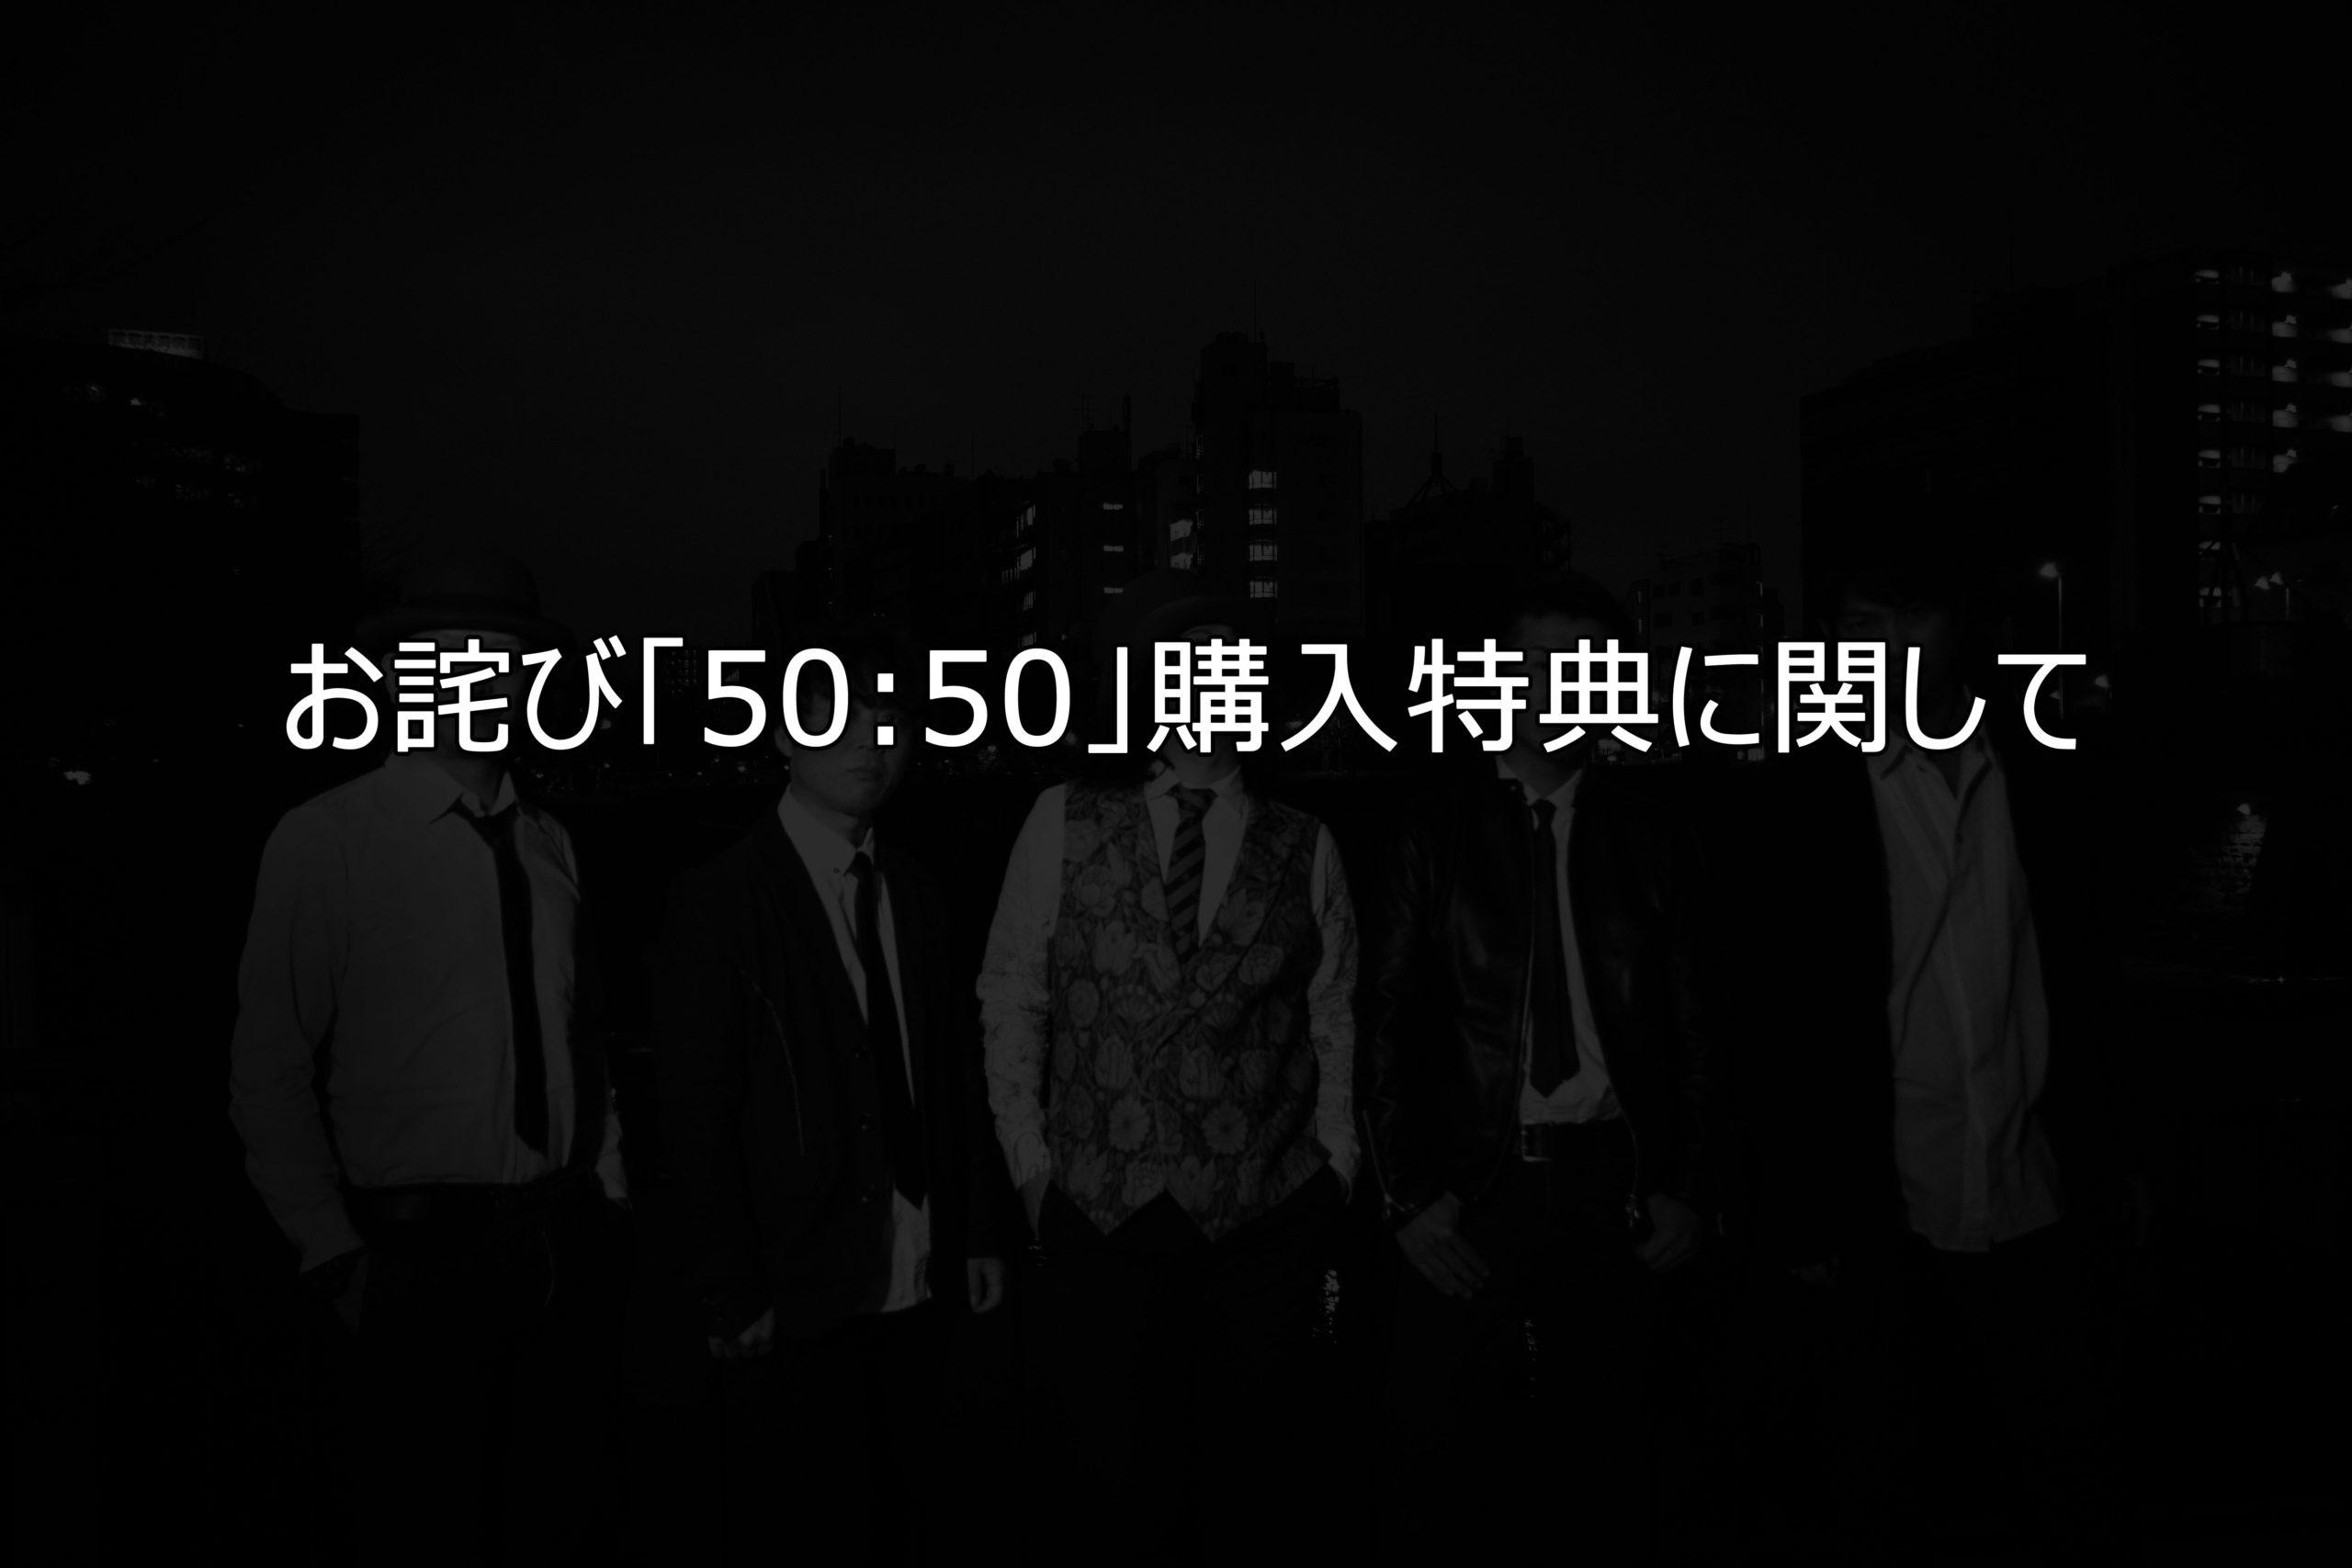 【お詫び】「50:50」購入特典に関して